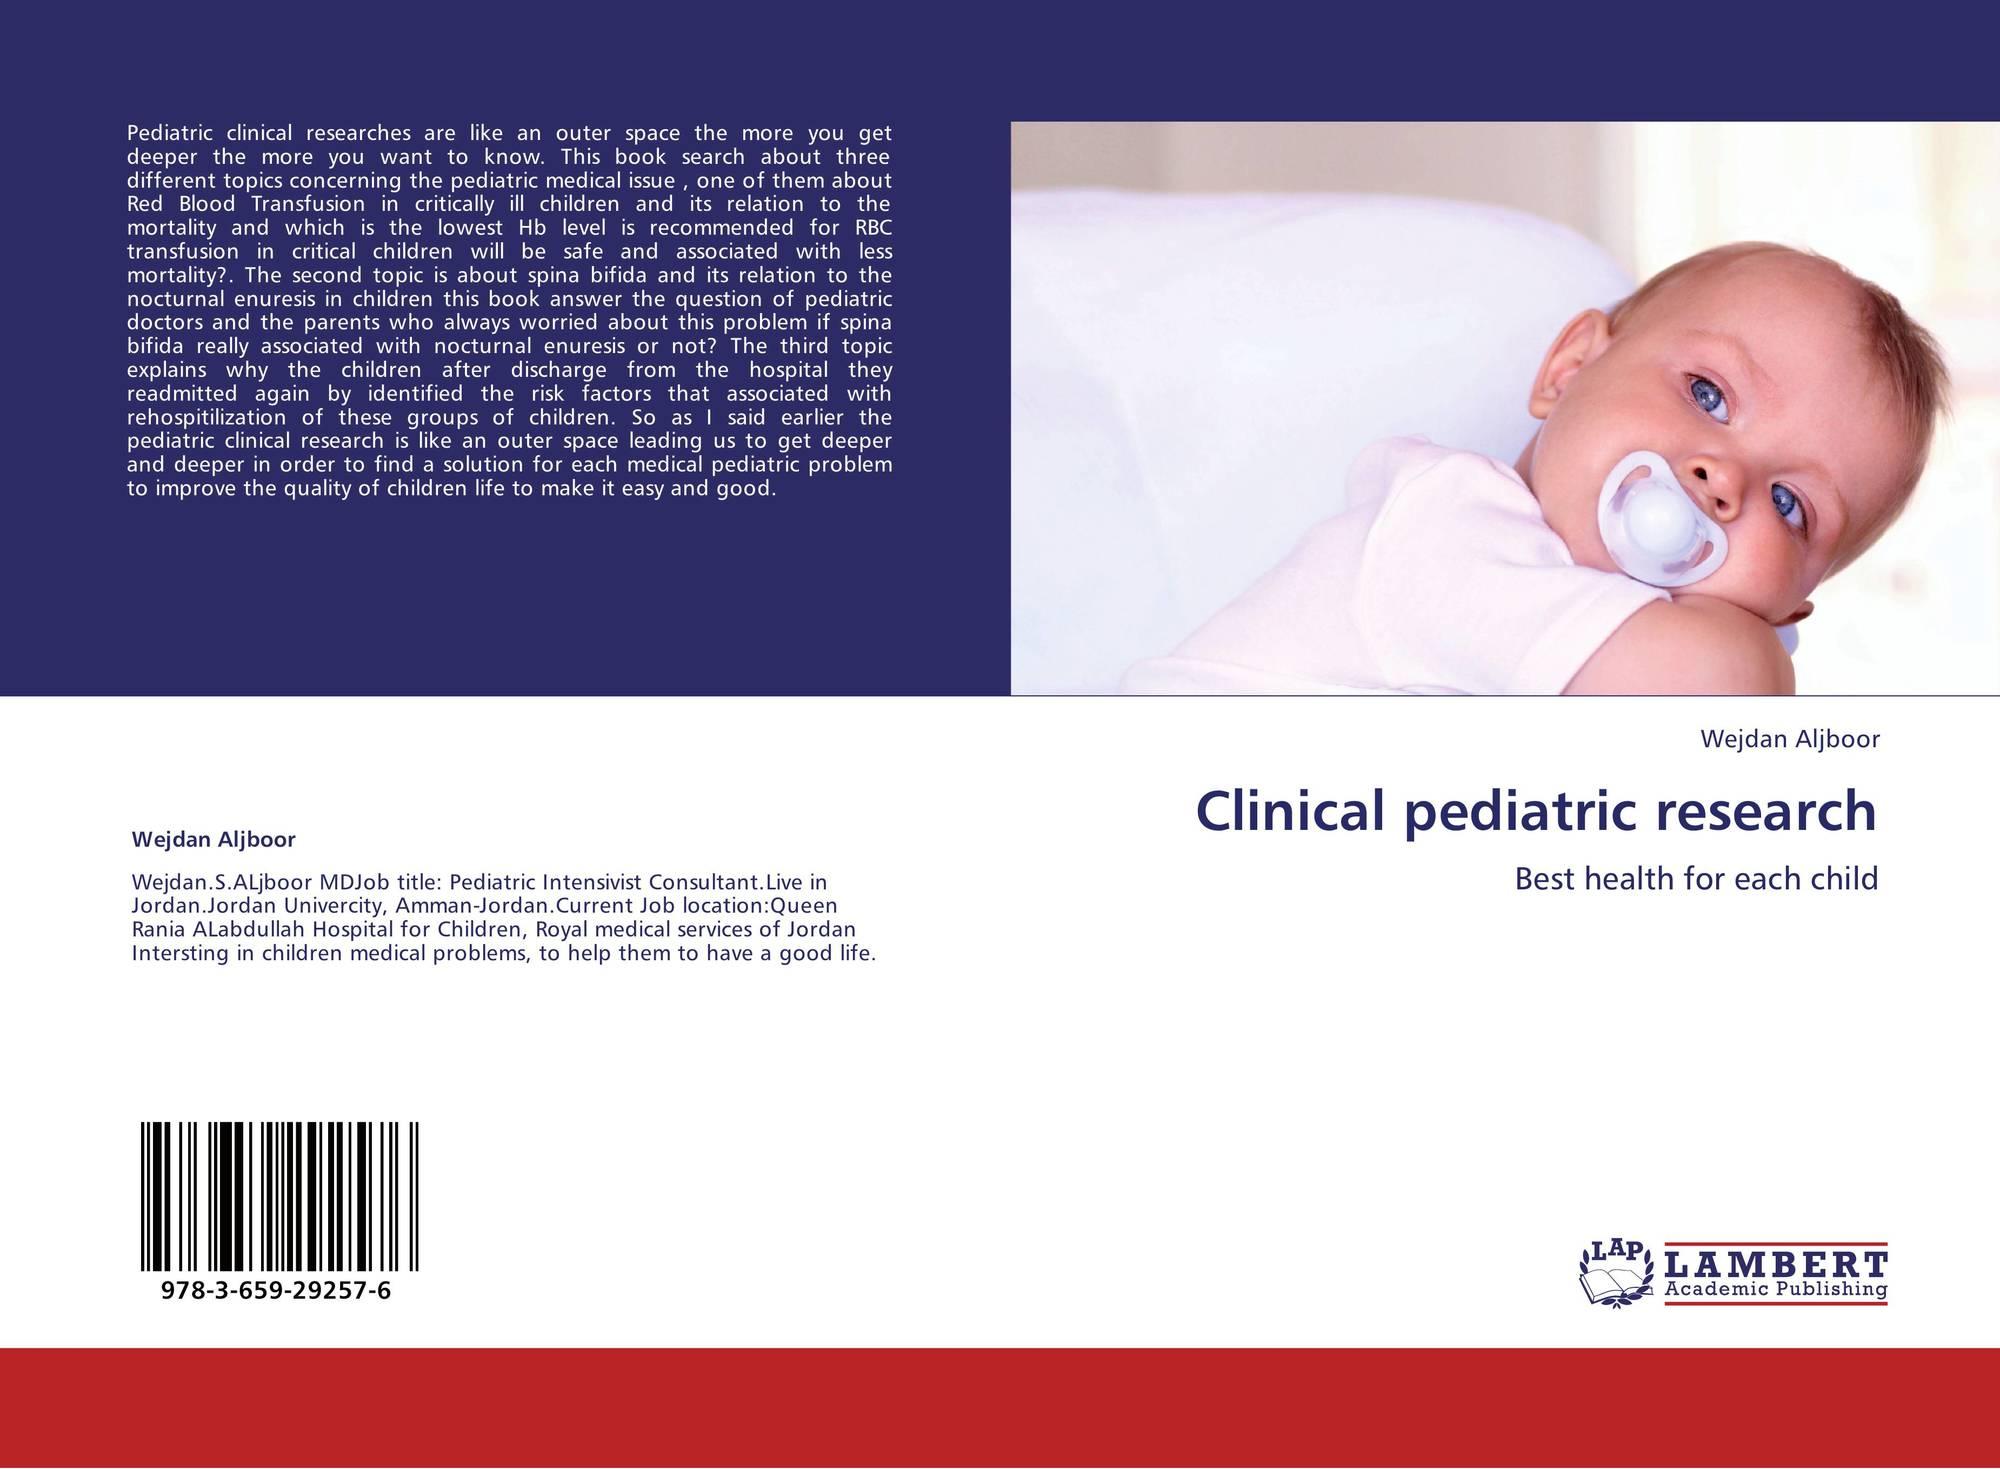 Clinical pediatric research, 978-3-659-29257-6, 3659292575